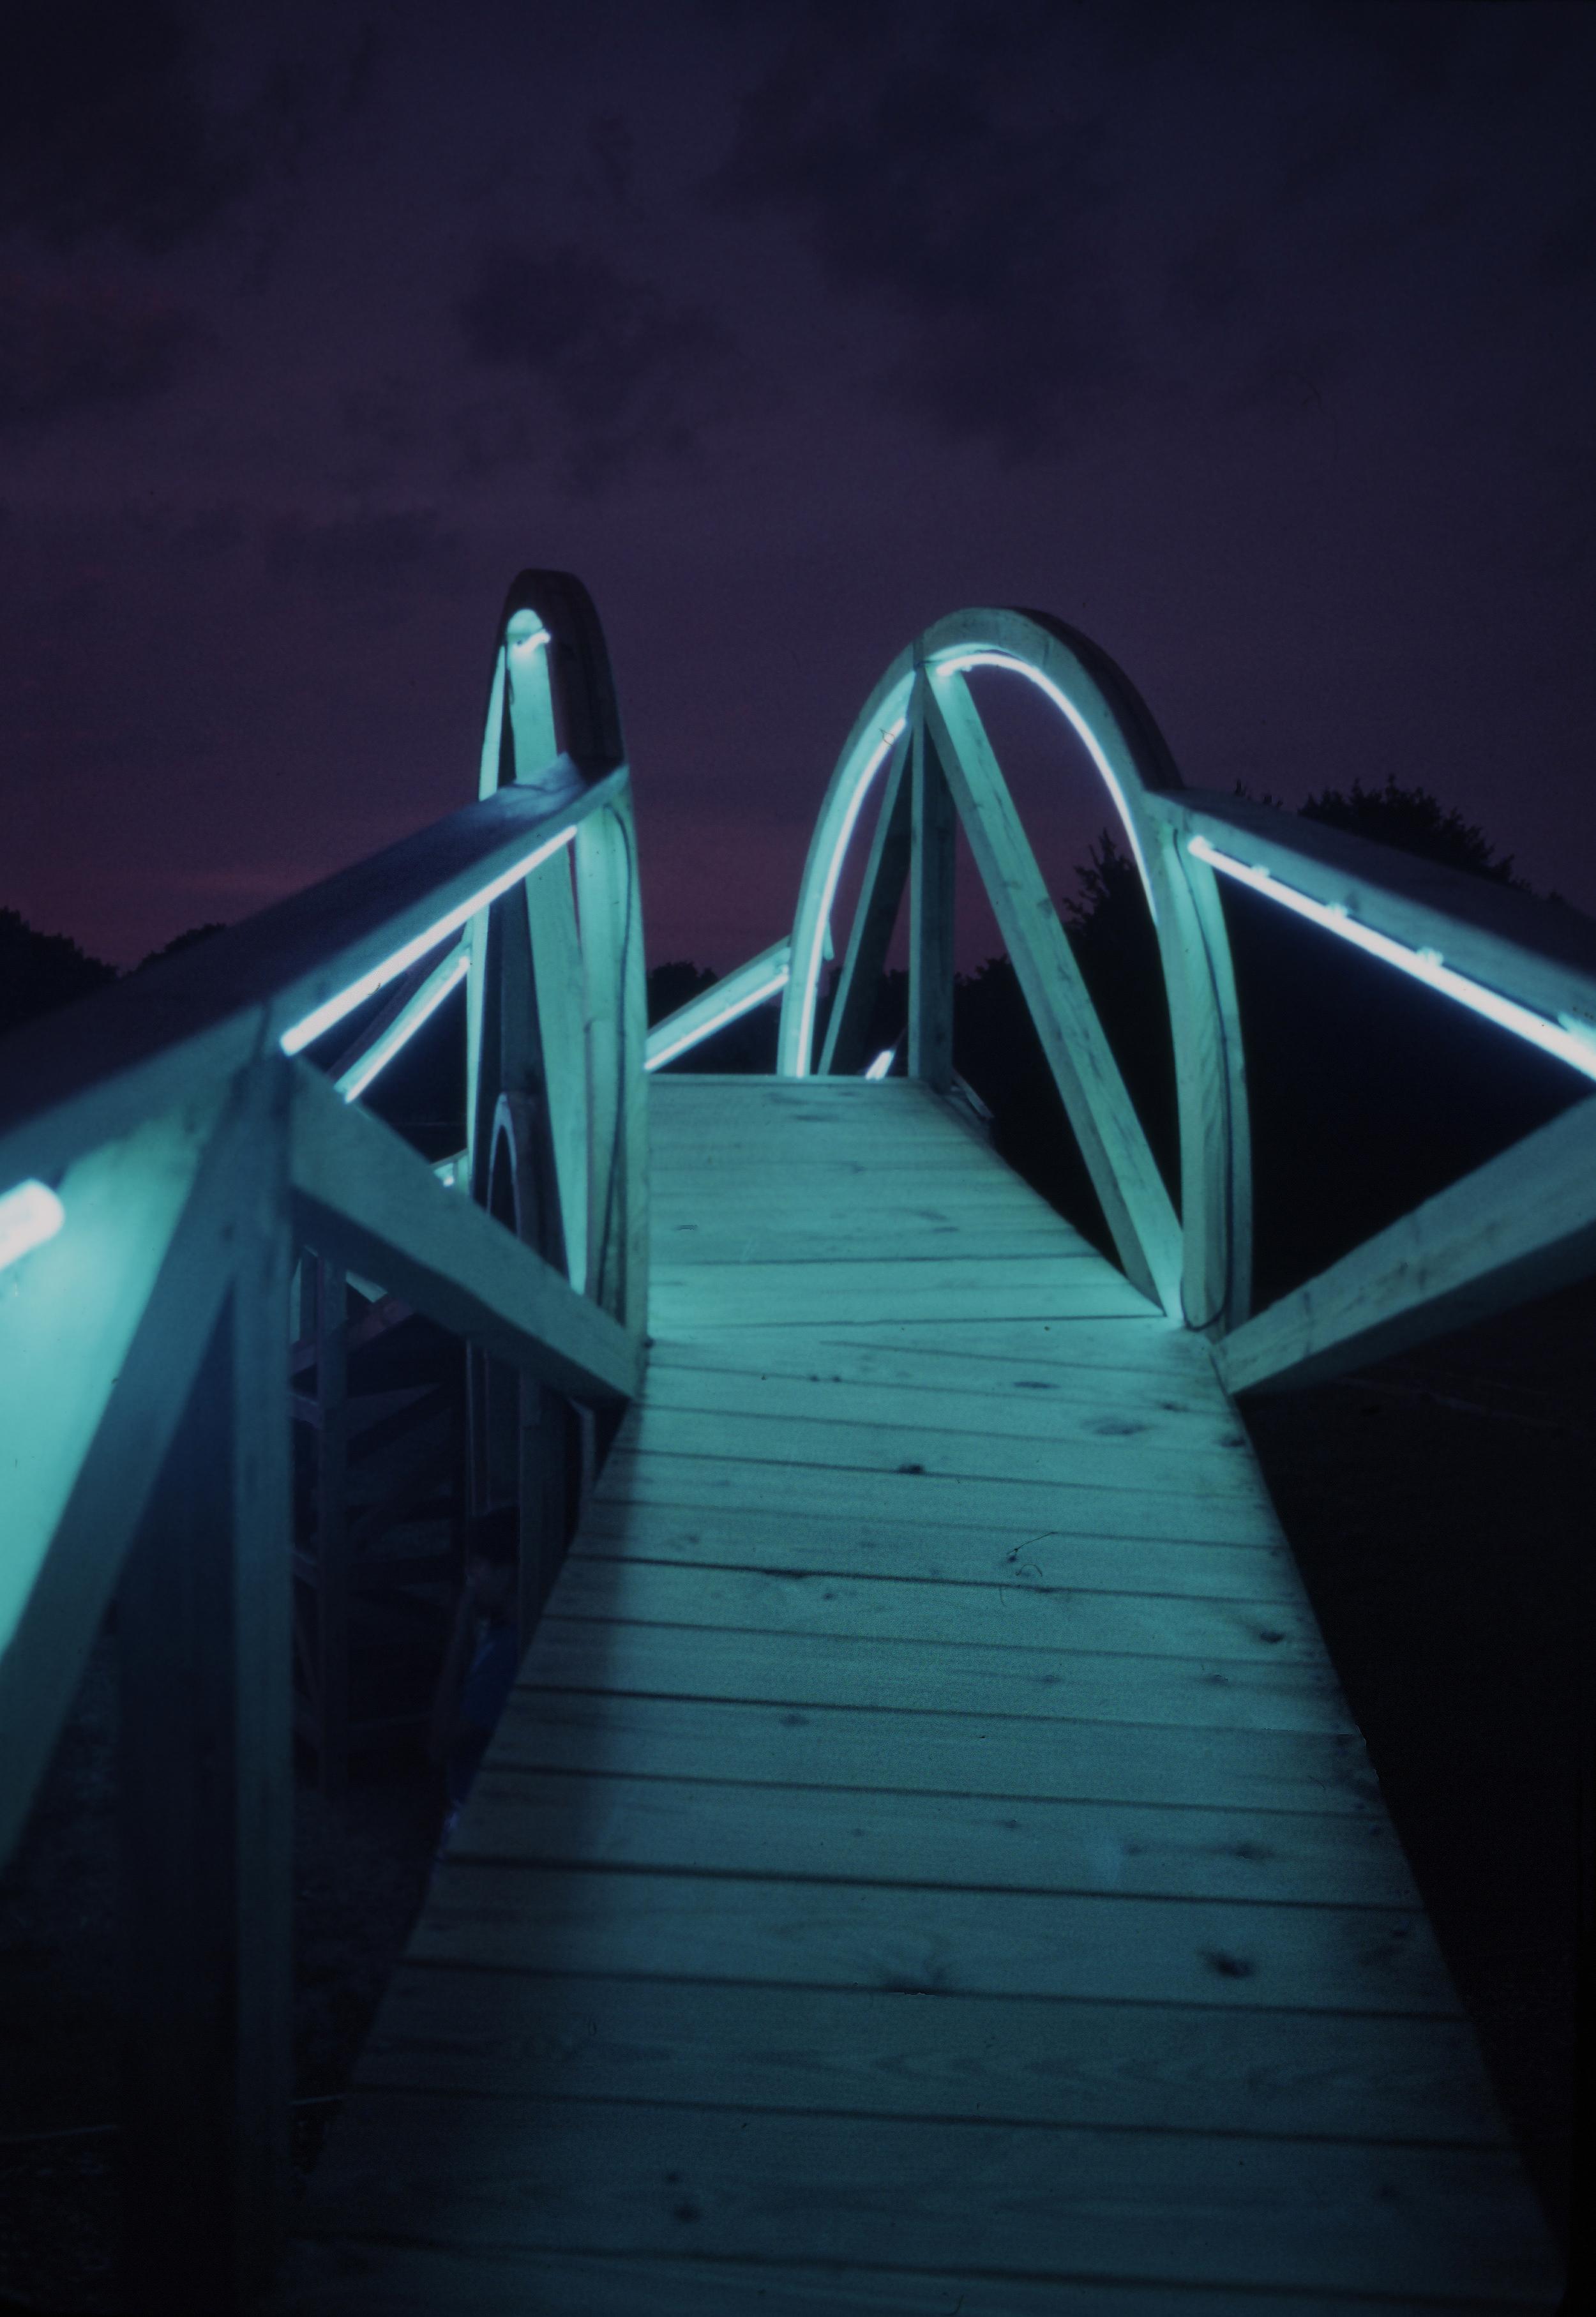 Open Axis_Night_Neon 002.jpg